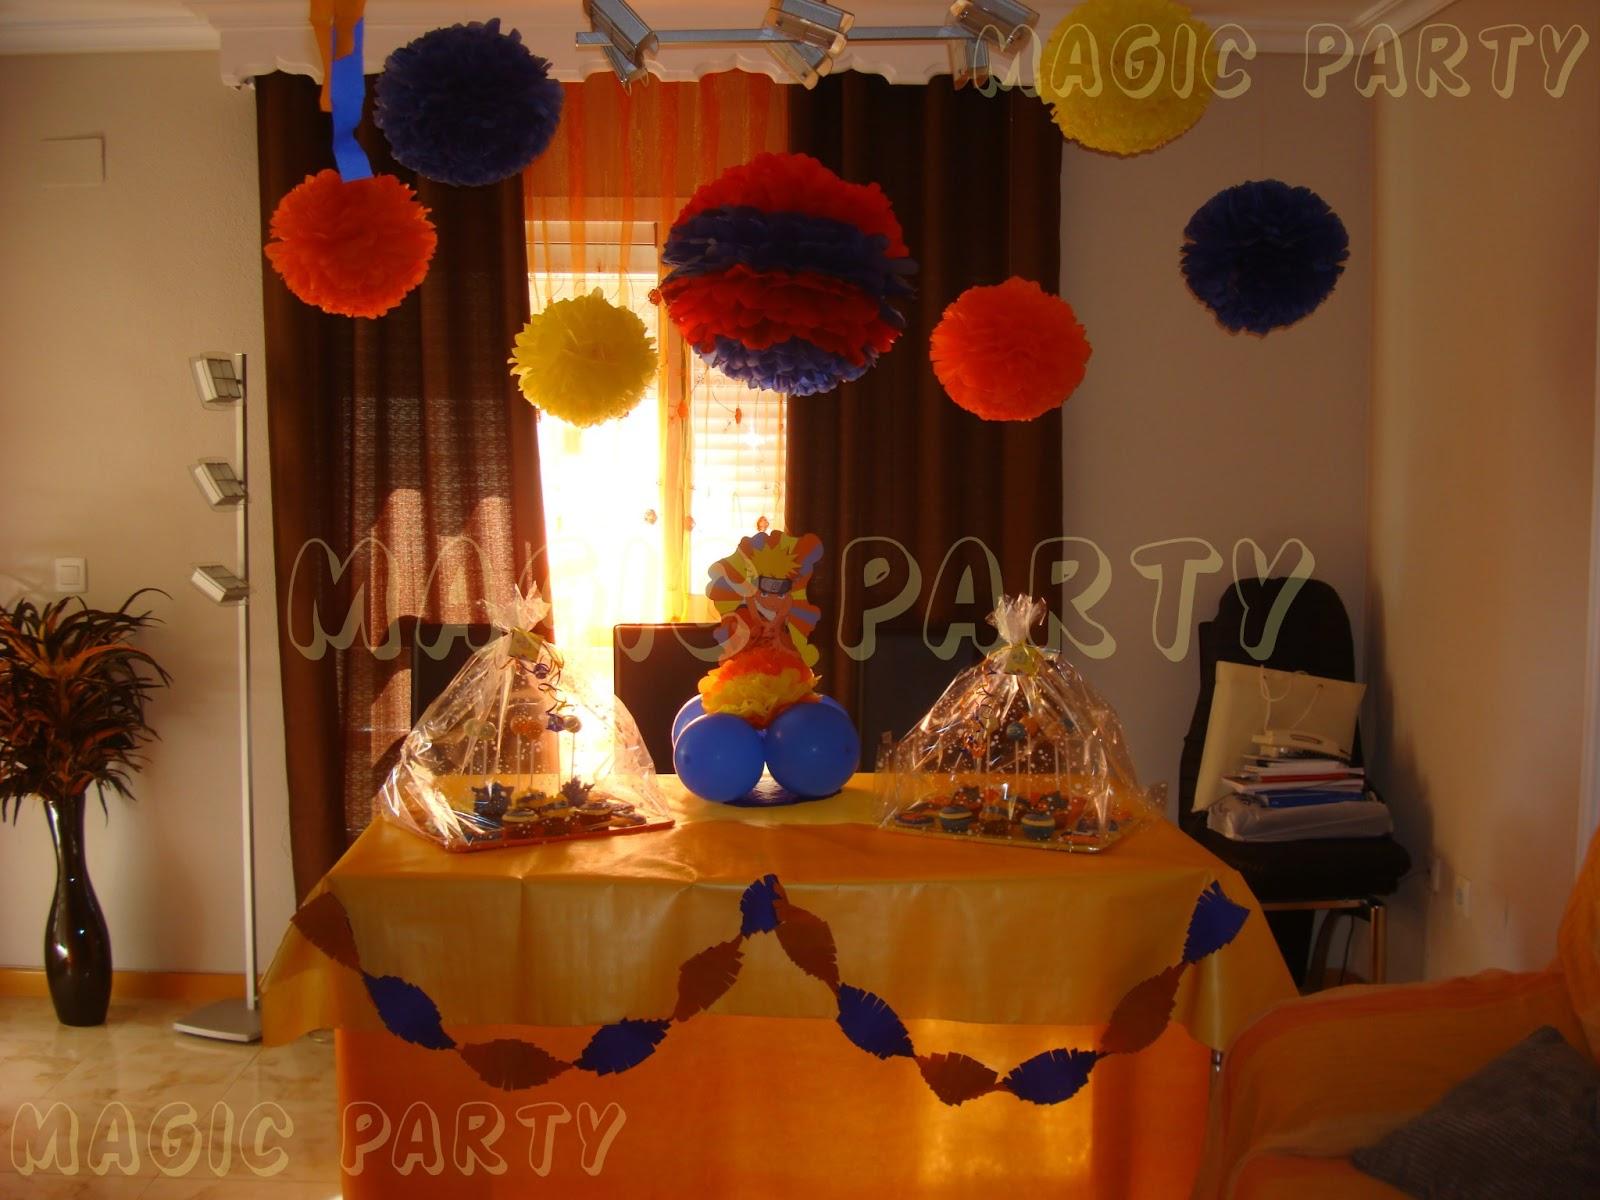 Decoraci nes de fiestas infantiles de naruto imagui - Decoracion fiestas infantiles en casa ...